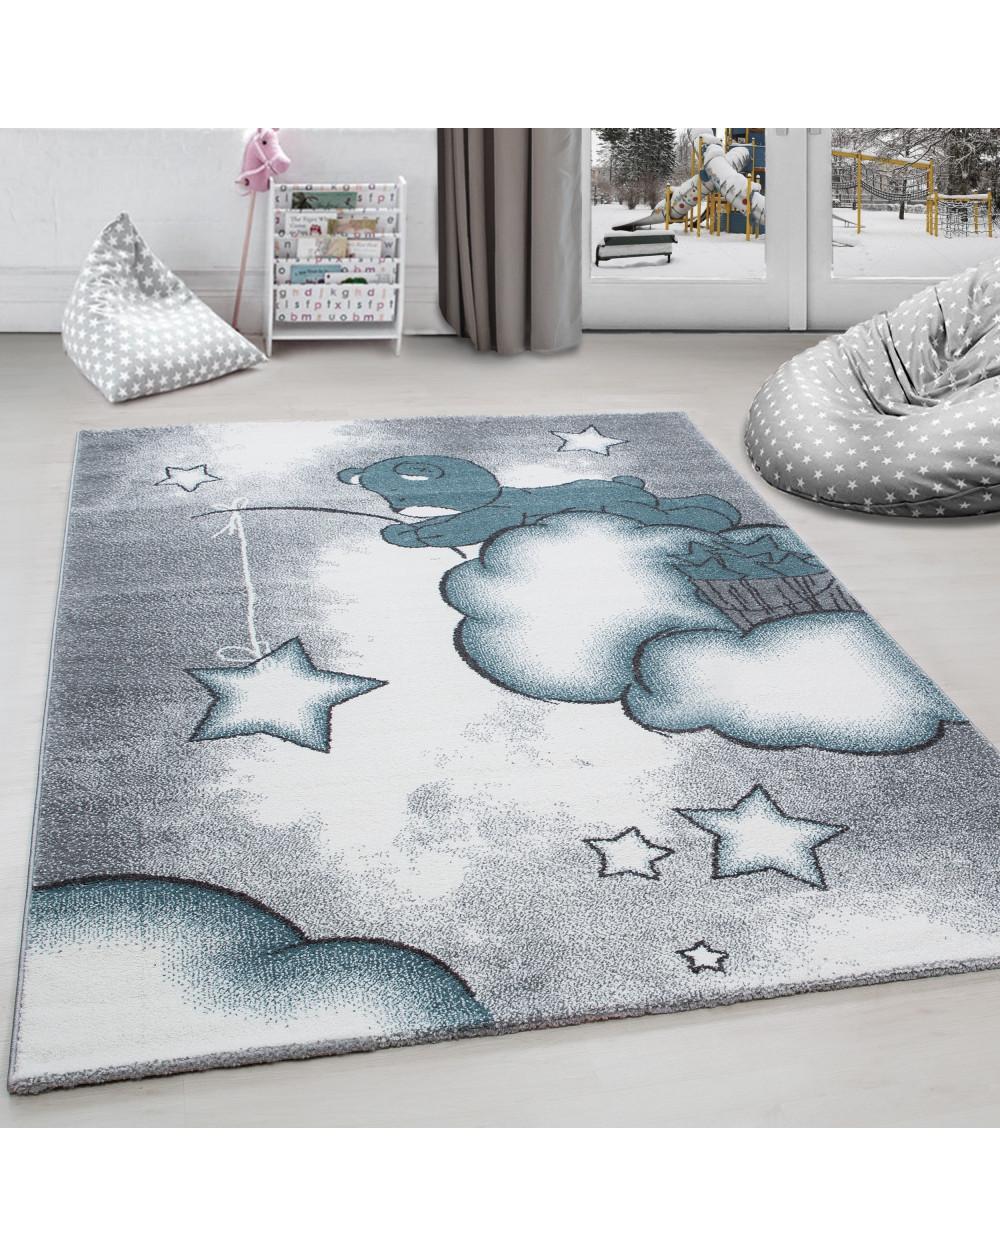 Kinderteppich Kinderzimmer Teppich Bar Wolken Stern Angeln Grau Weiss Blau Grosse 80x150 Cm